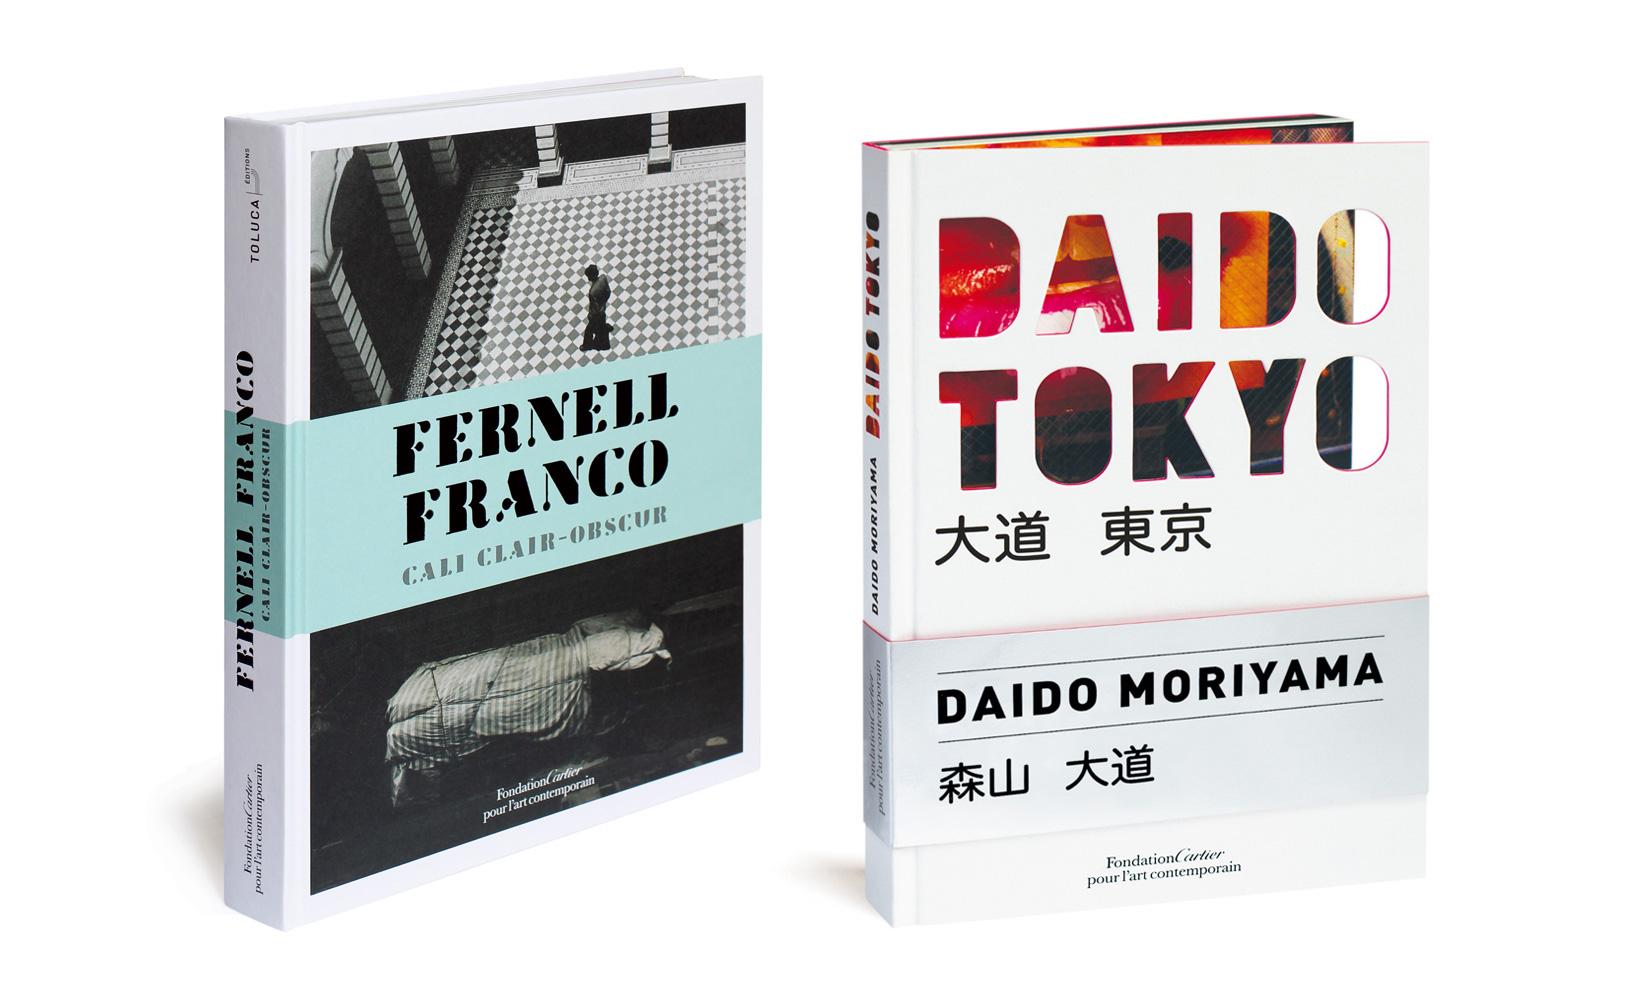 Fernell-daido-livres-cartier-01.jpg